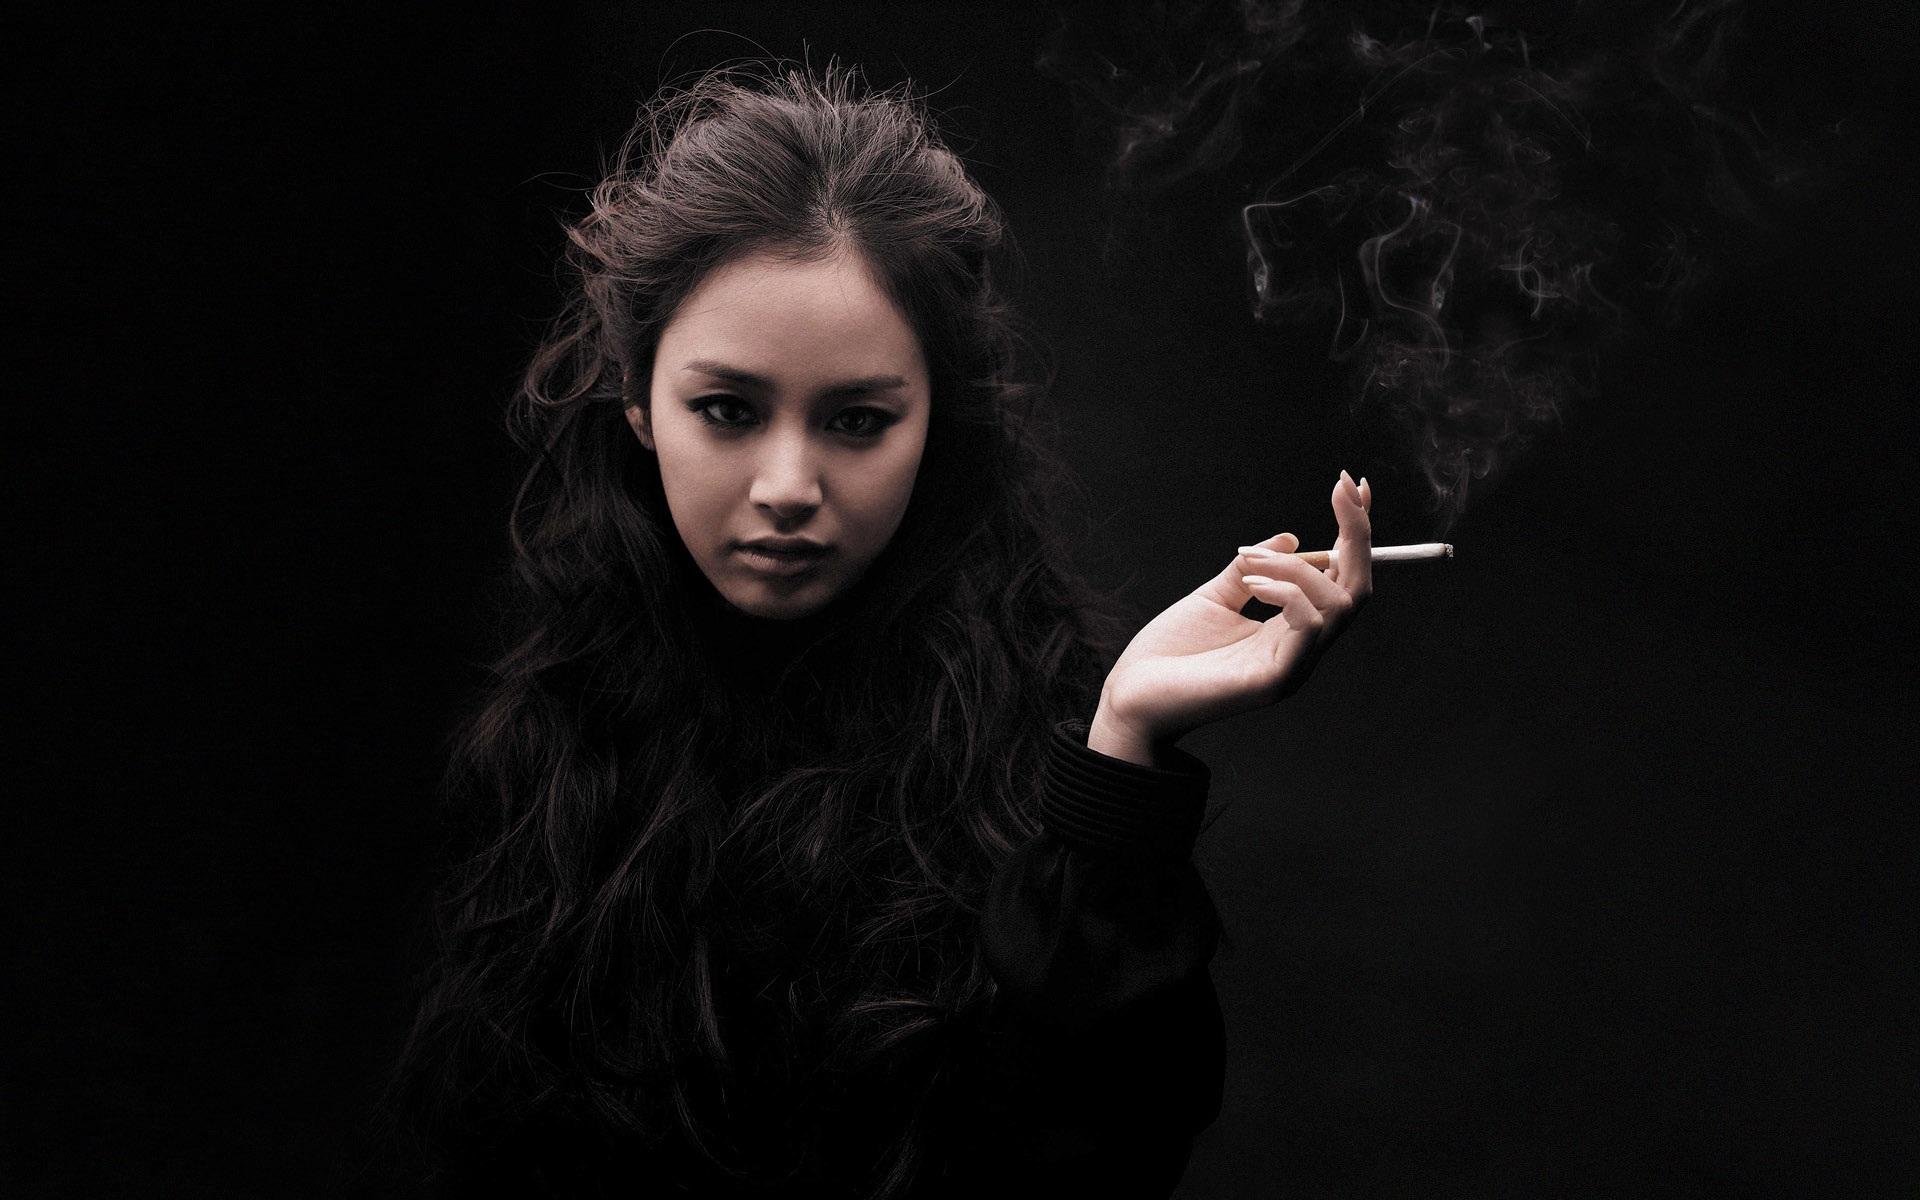 Черная азиатка фото 28 фотография